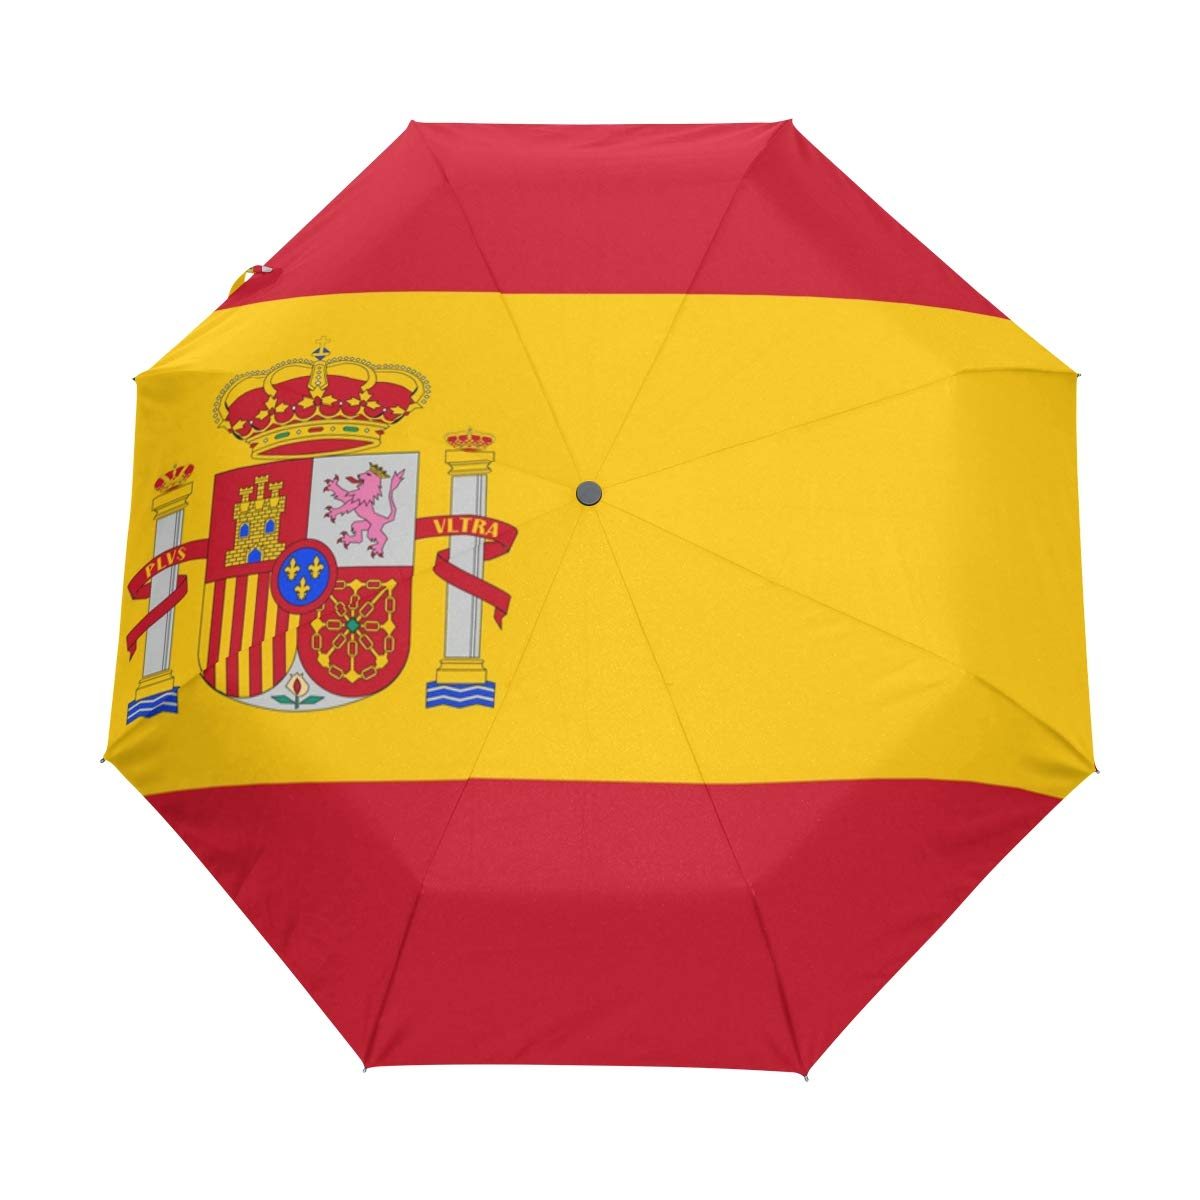 Resistente al Agua Resistente al Viento Parasol con Bandera de Espa/ña UPF 50+ 3 Paraguas Plegable con Cierre autom/ático